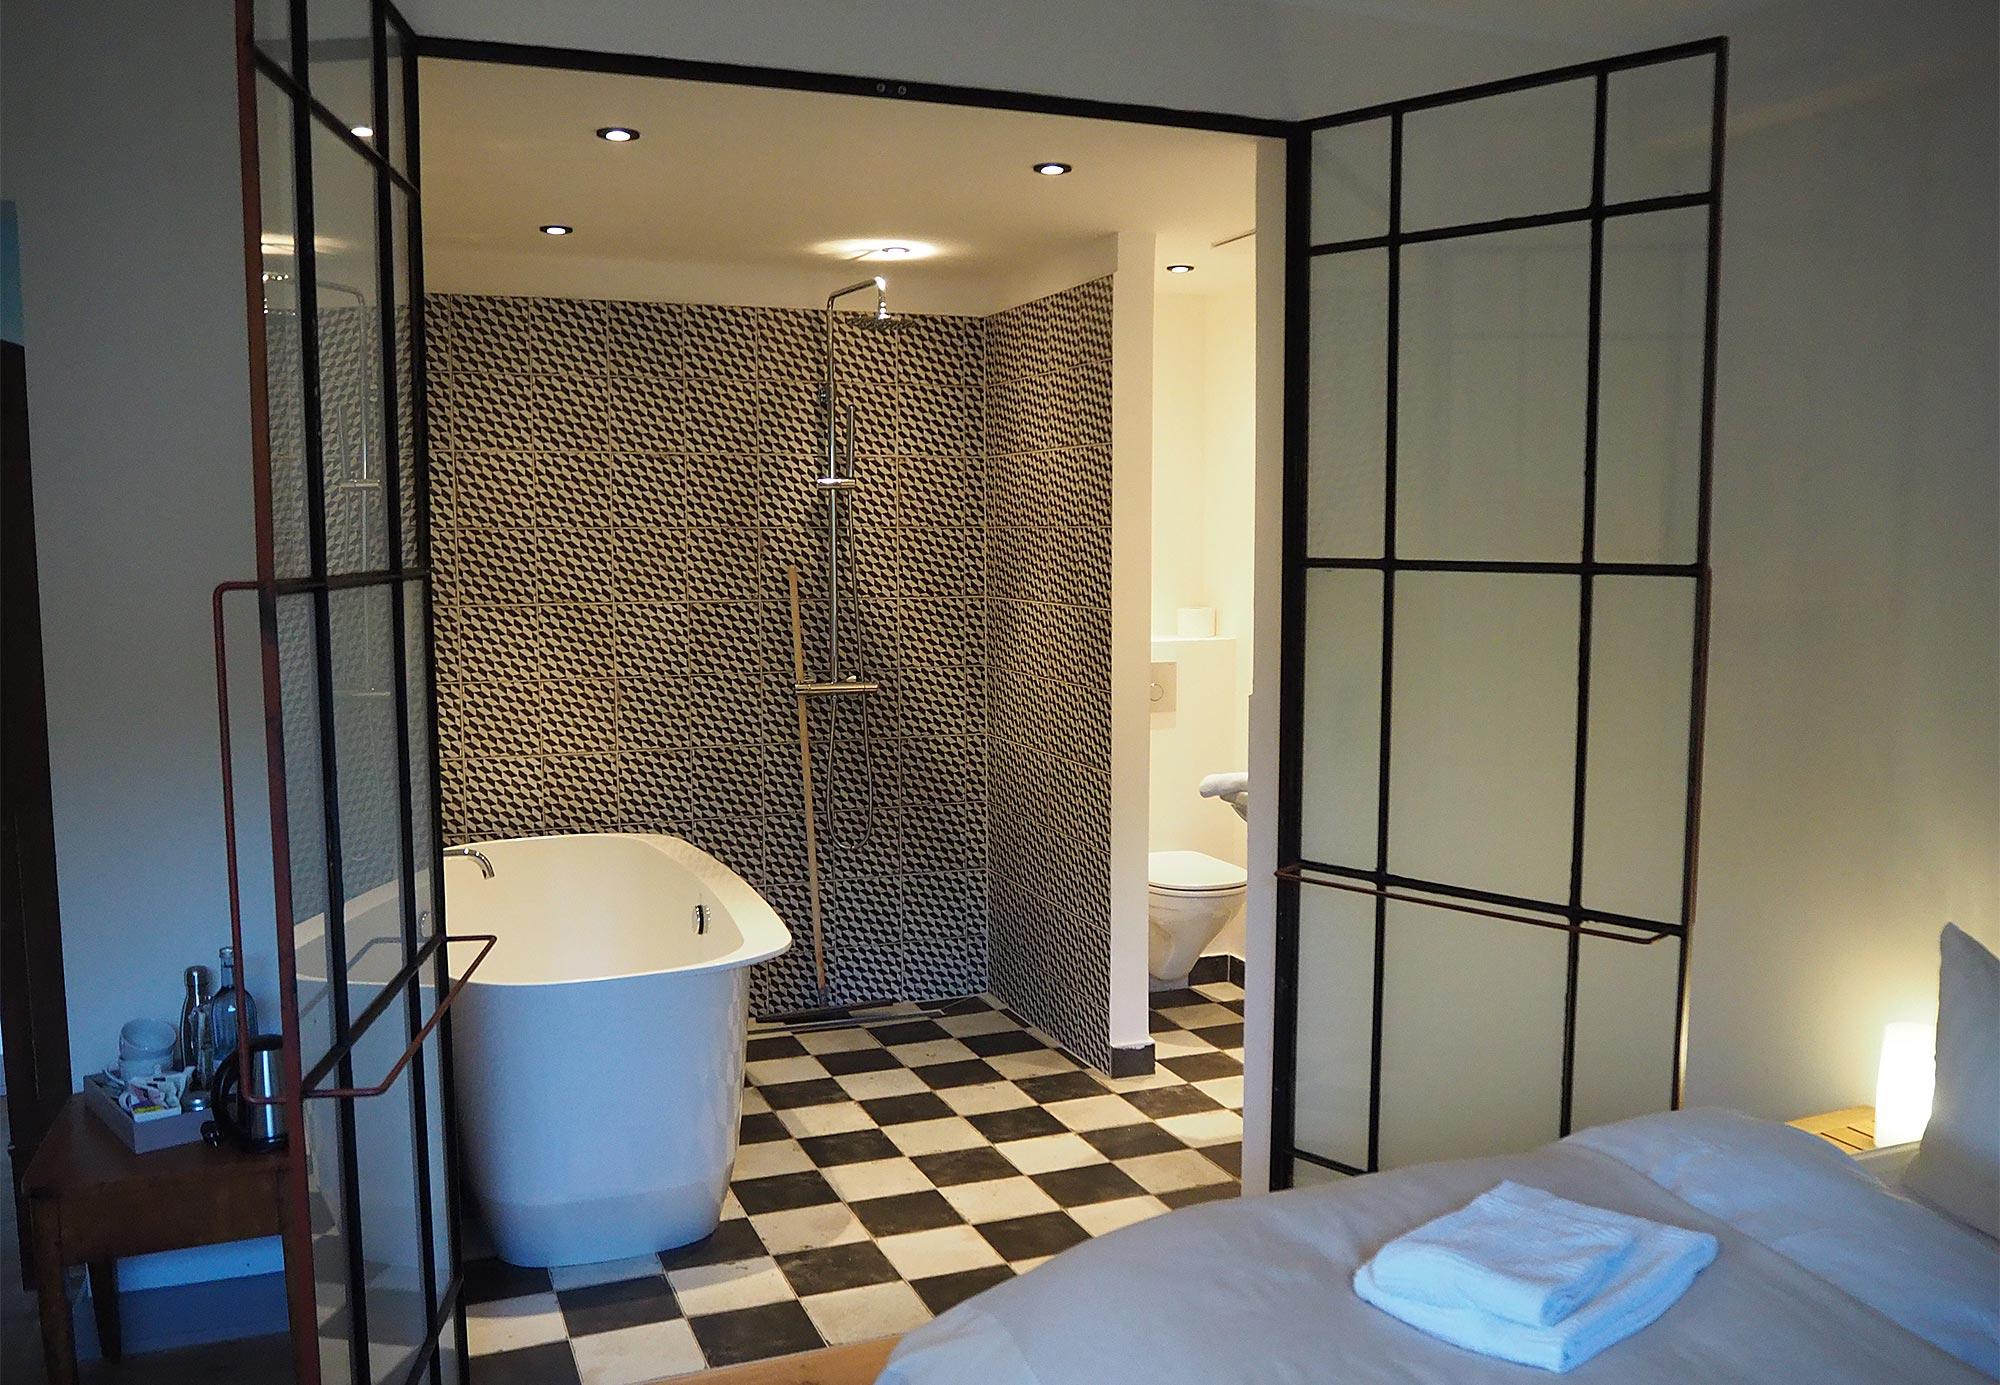 Blick ins Badezimmer mit einladender Badewanne